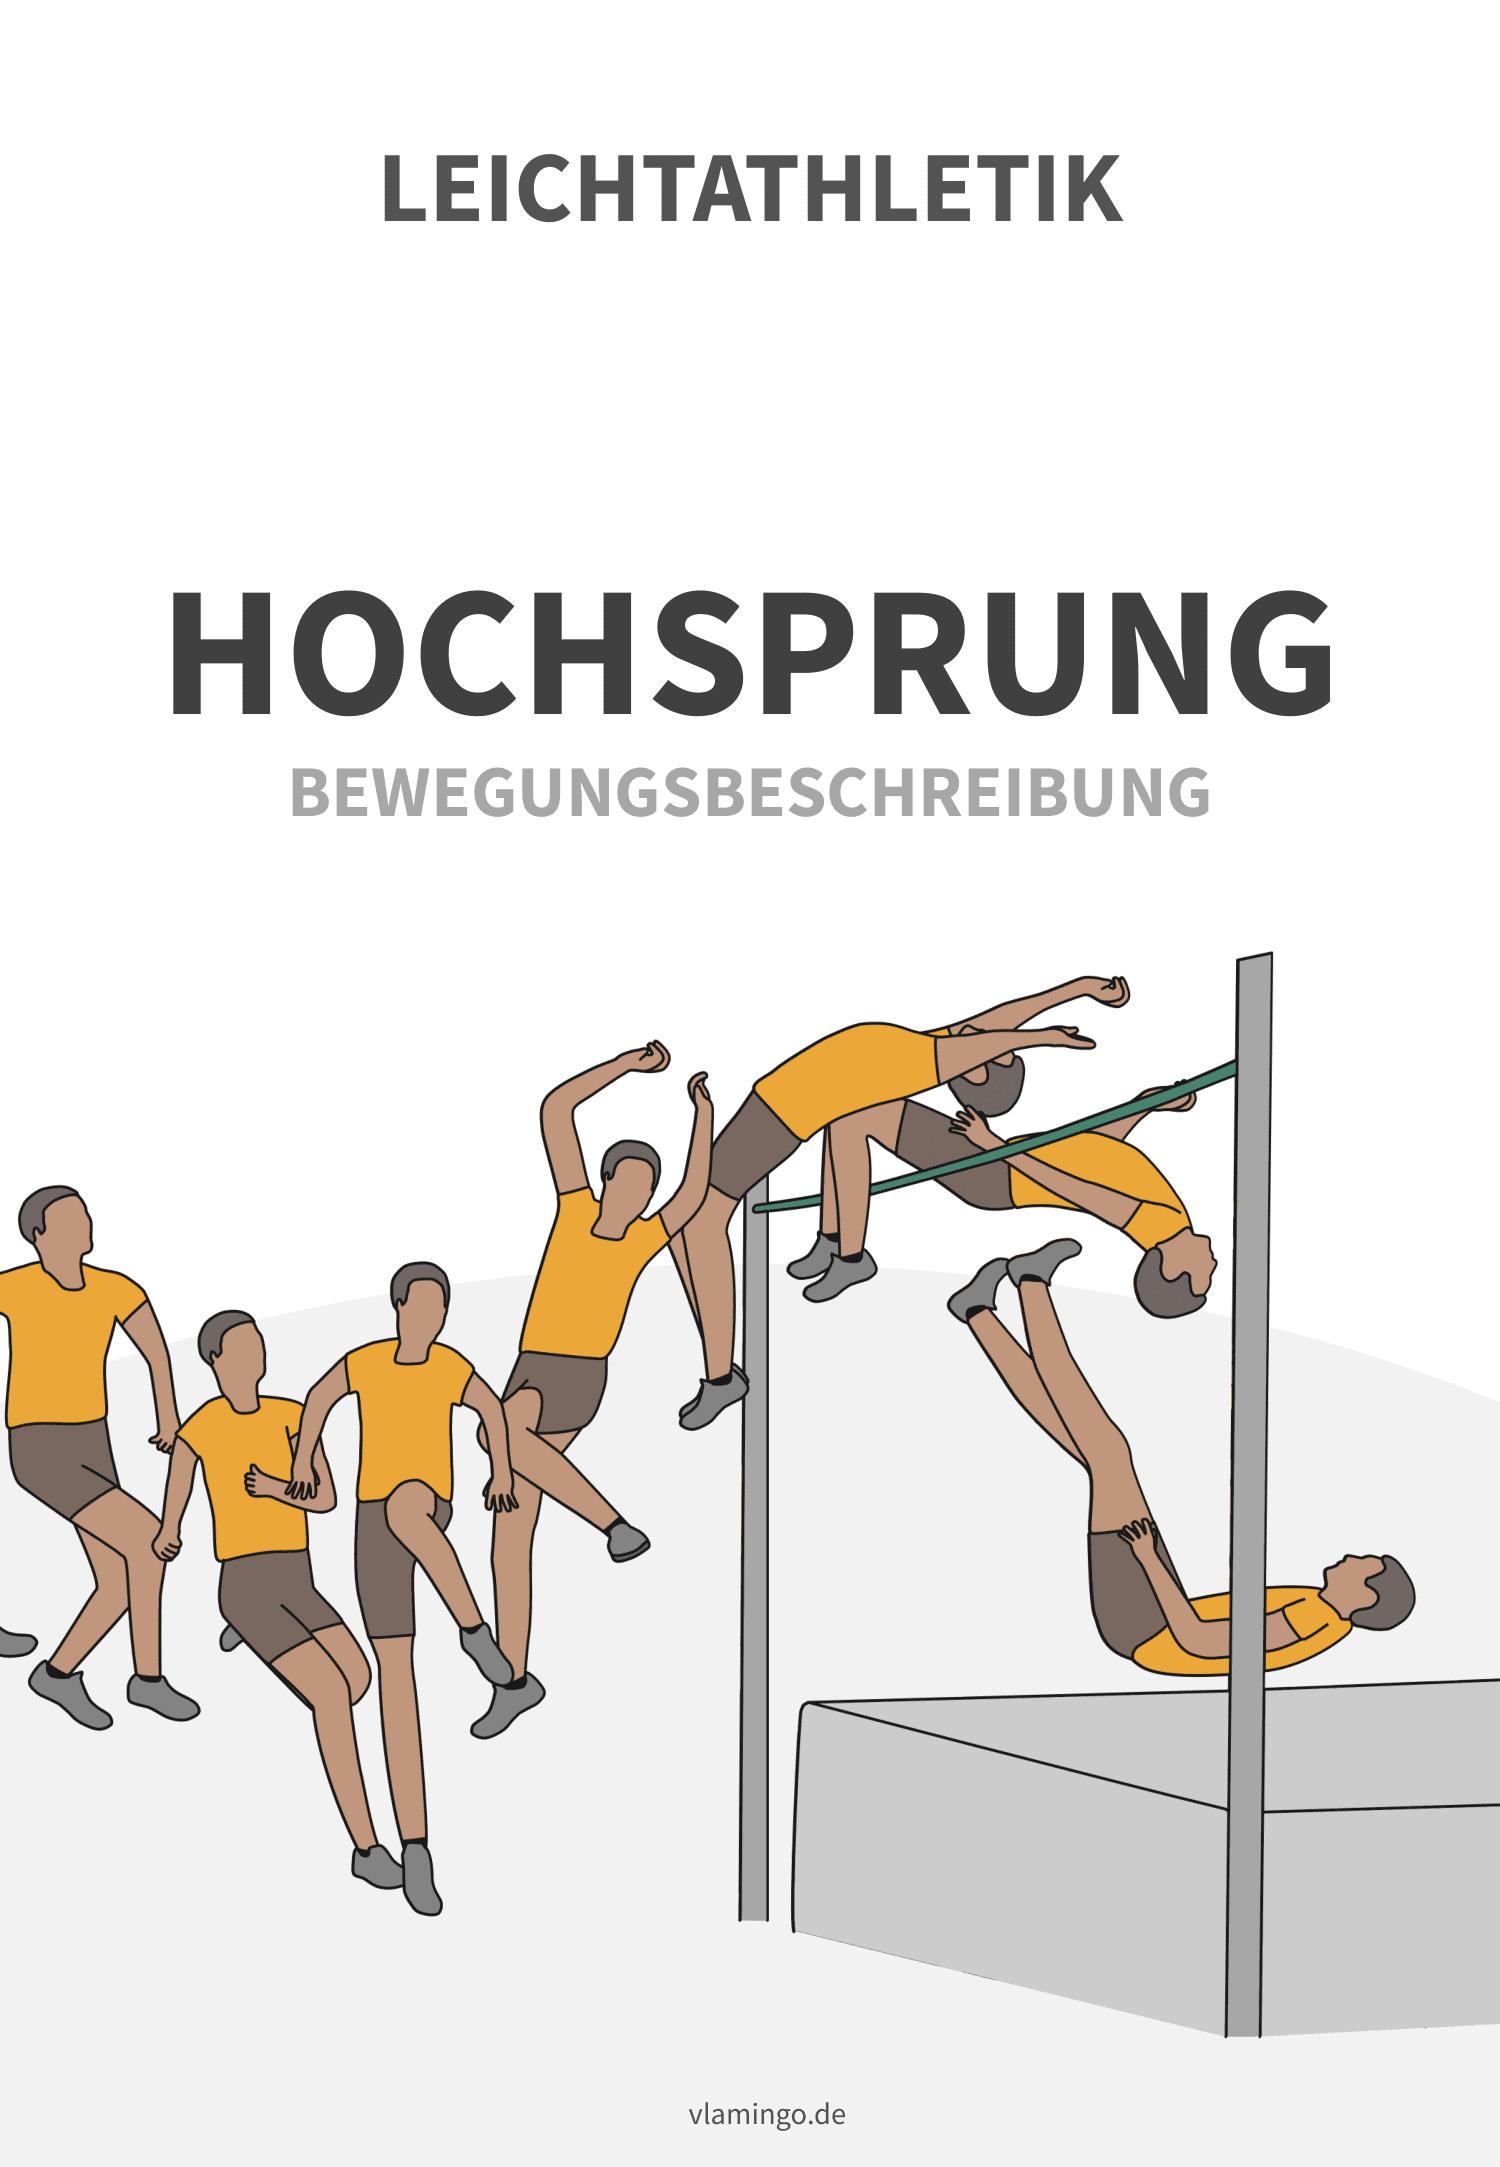 Leichtathletik - Hochsprung